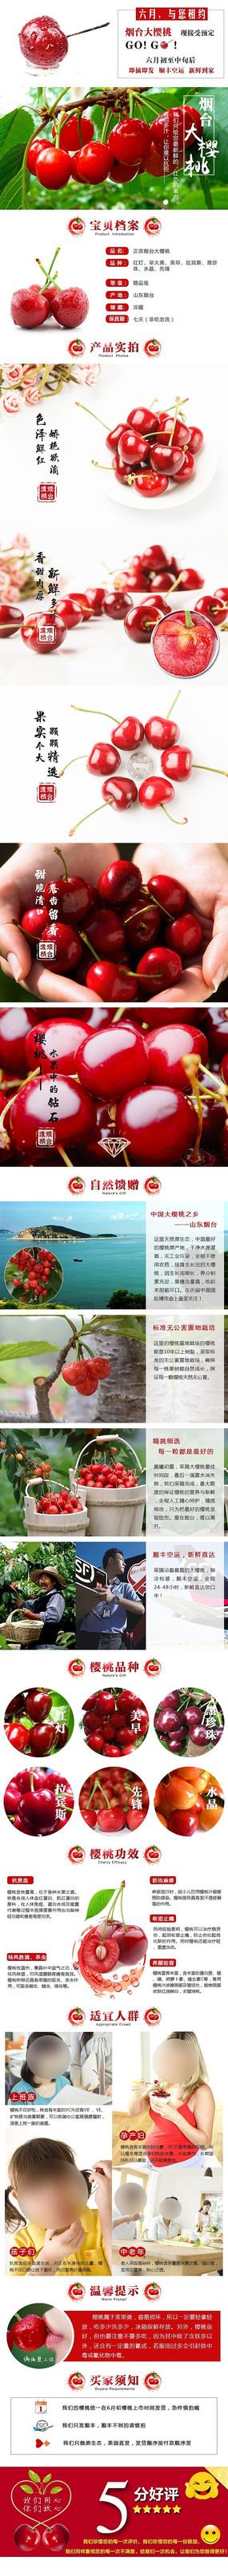 红樱桃大樱桃